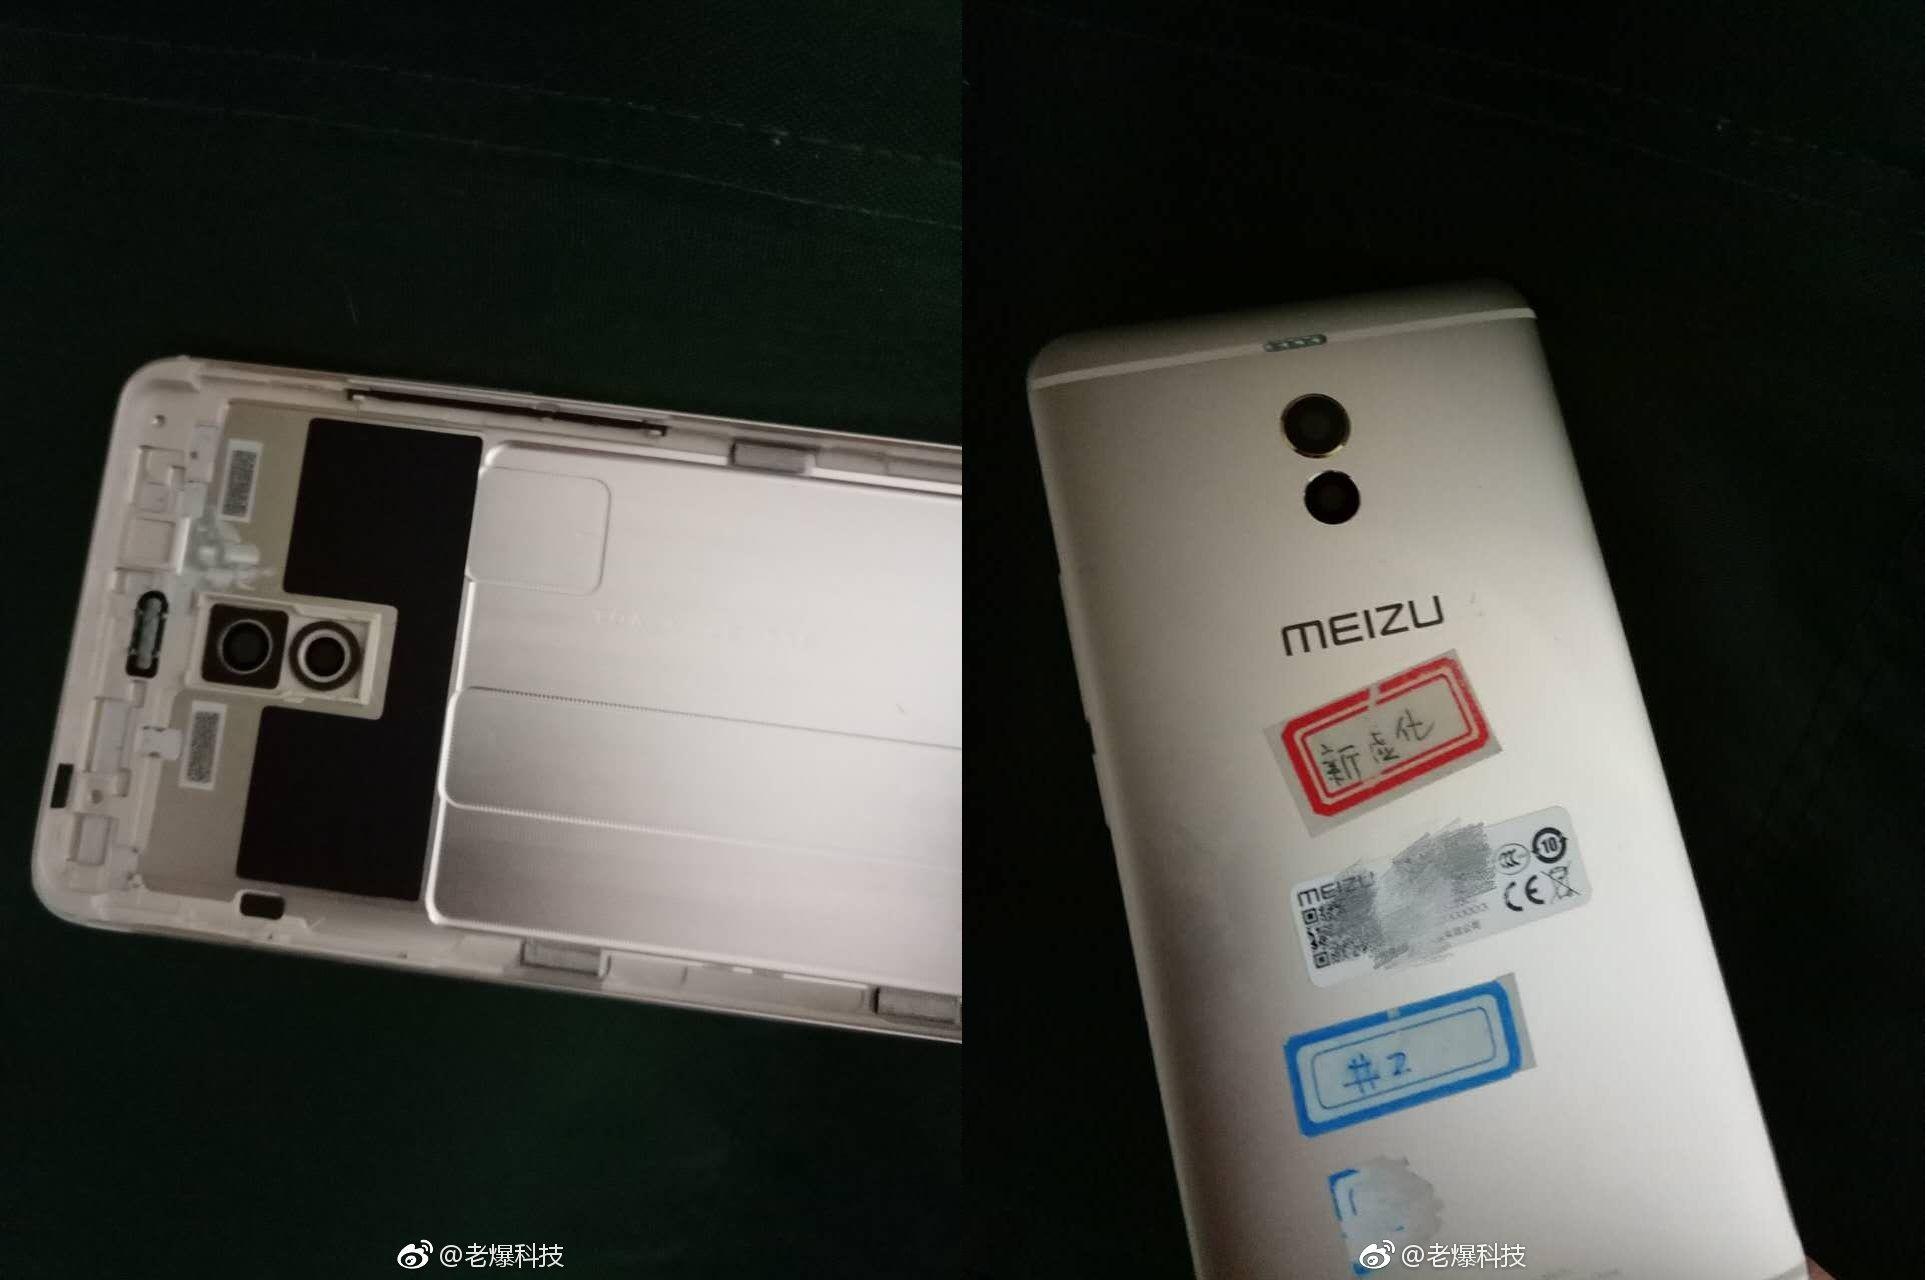 Meizu M6 Noteのバックカバーが流出。デュアルカメラ + 樹脂ライン上にLEDフラッシュの配置で確定